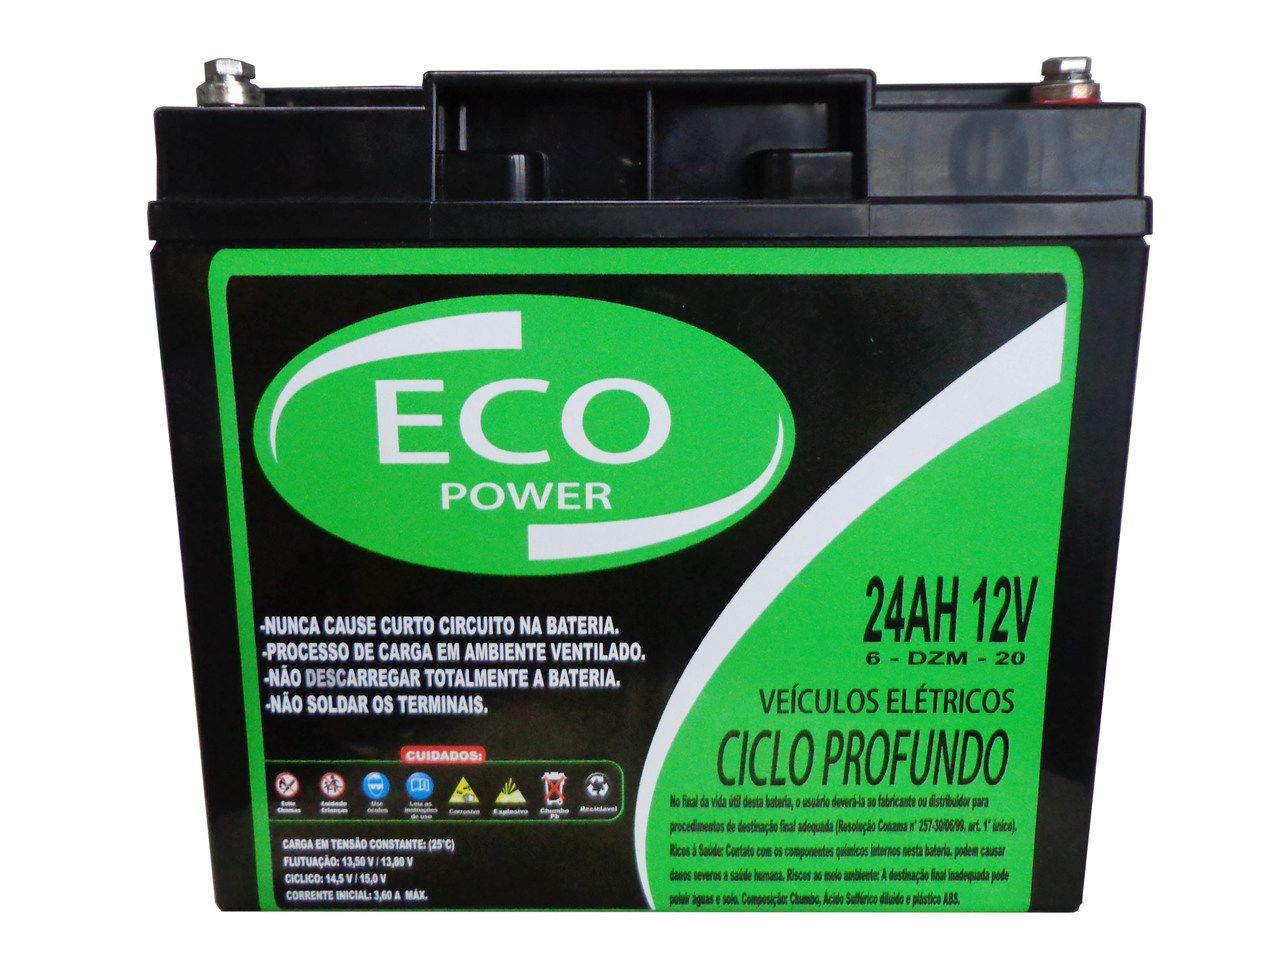 Kit 3 Baterias Eco Power Gel 12v 24ah Ciclo Profundo Bike 36v Cadeira De Rodas Da Ortobras 6-dzm-20